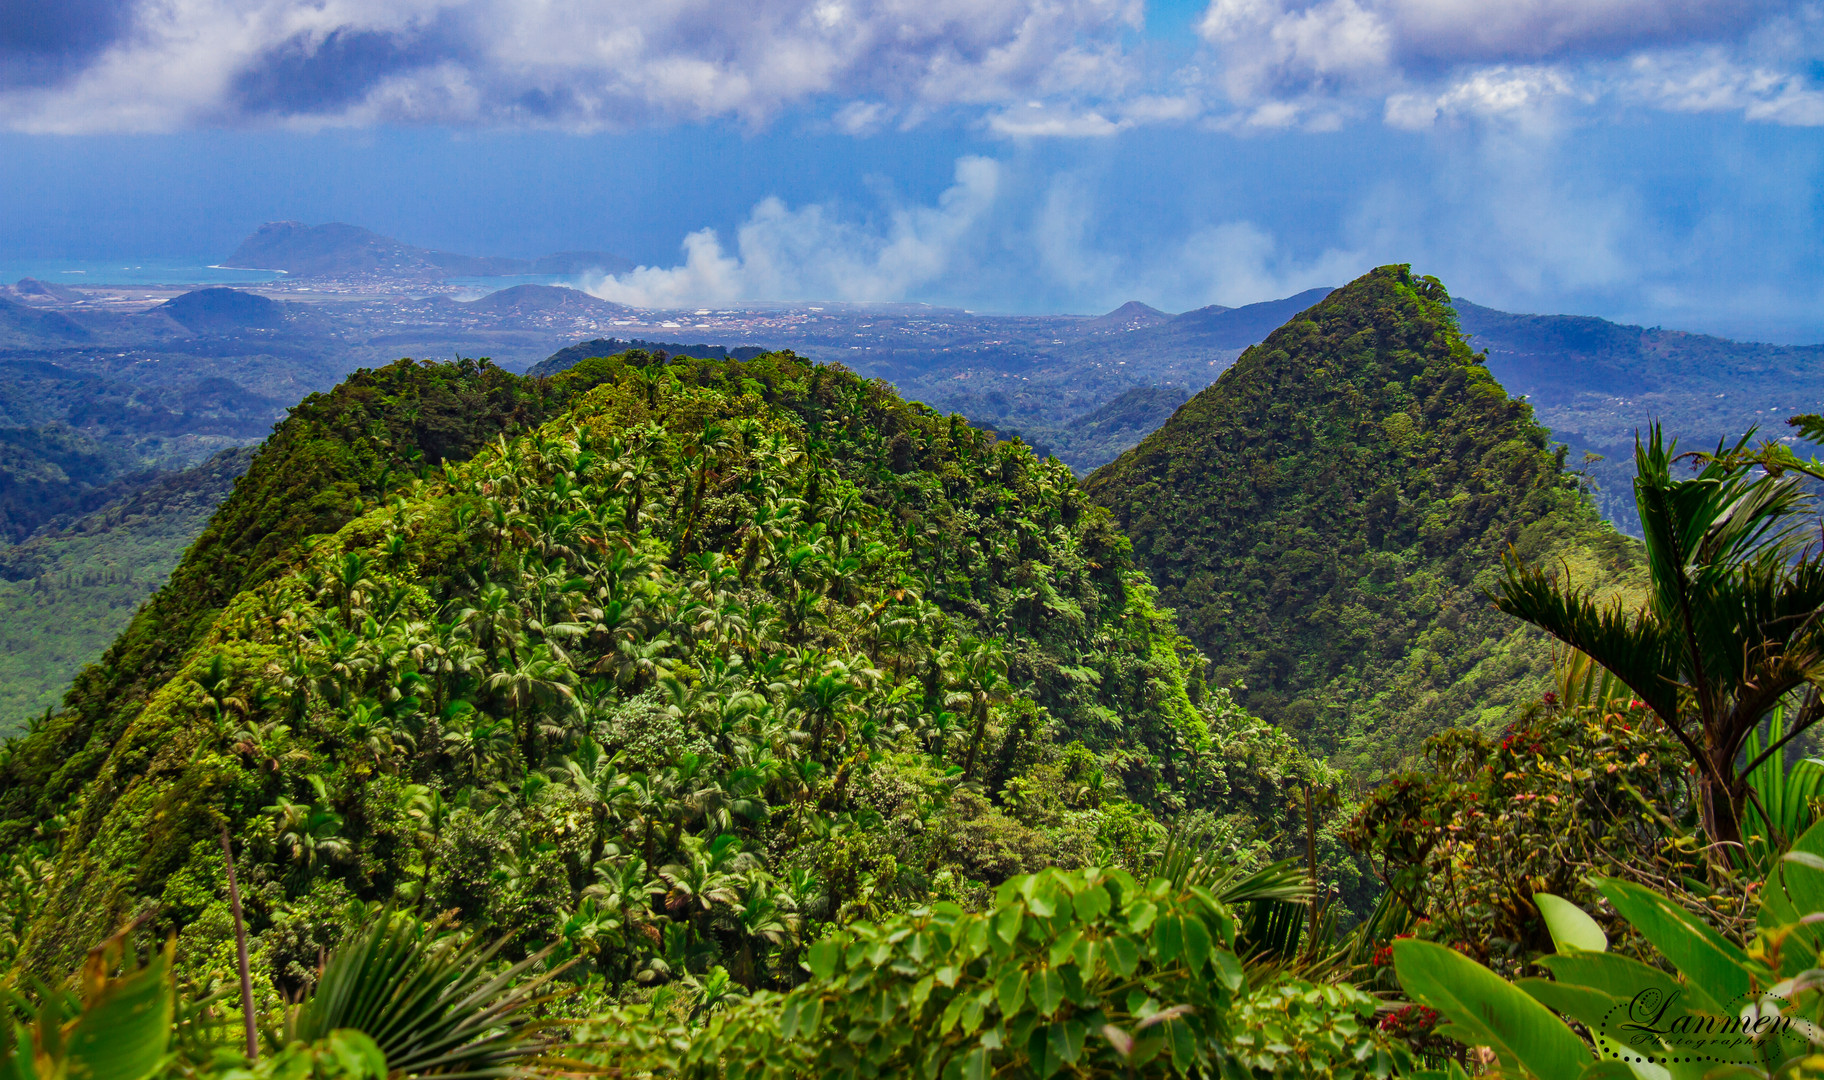 Saint Lucia Landscape Photogaphy Vieux F